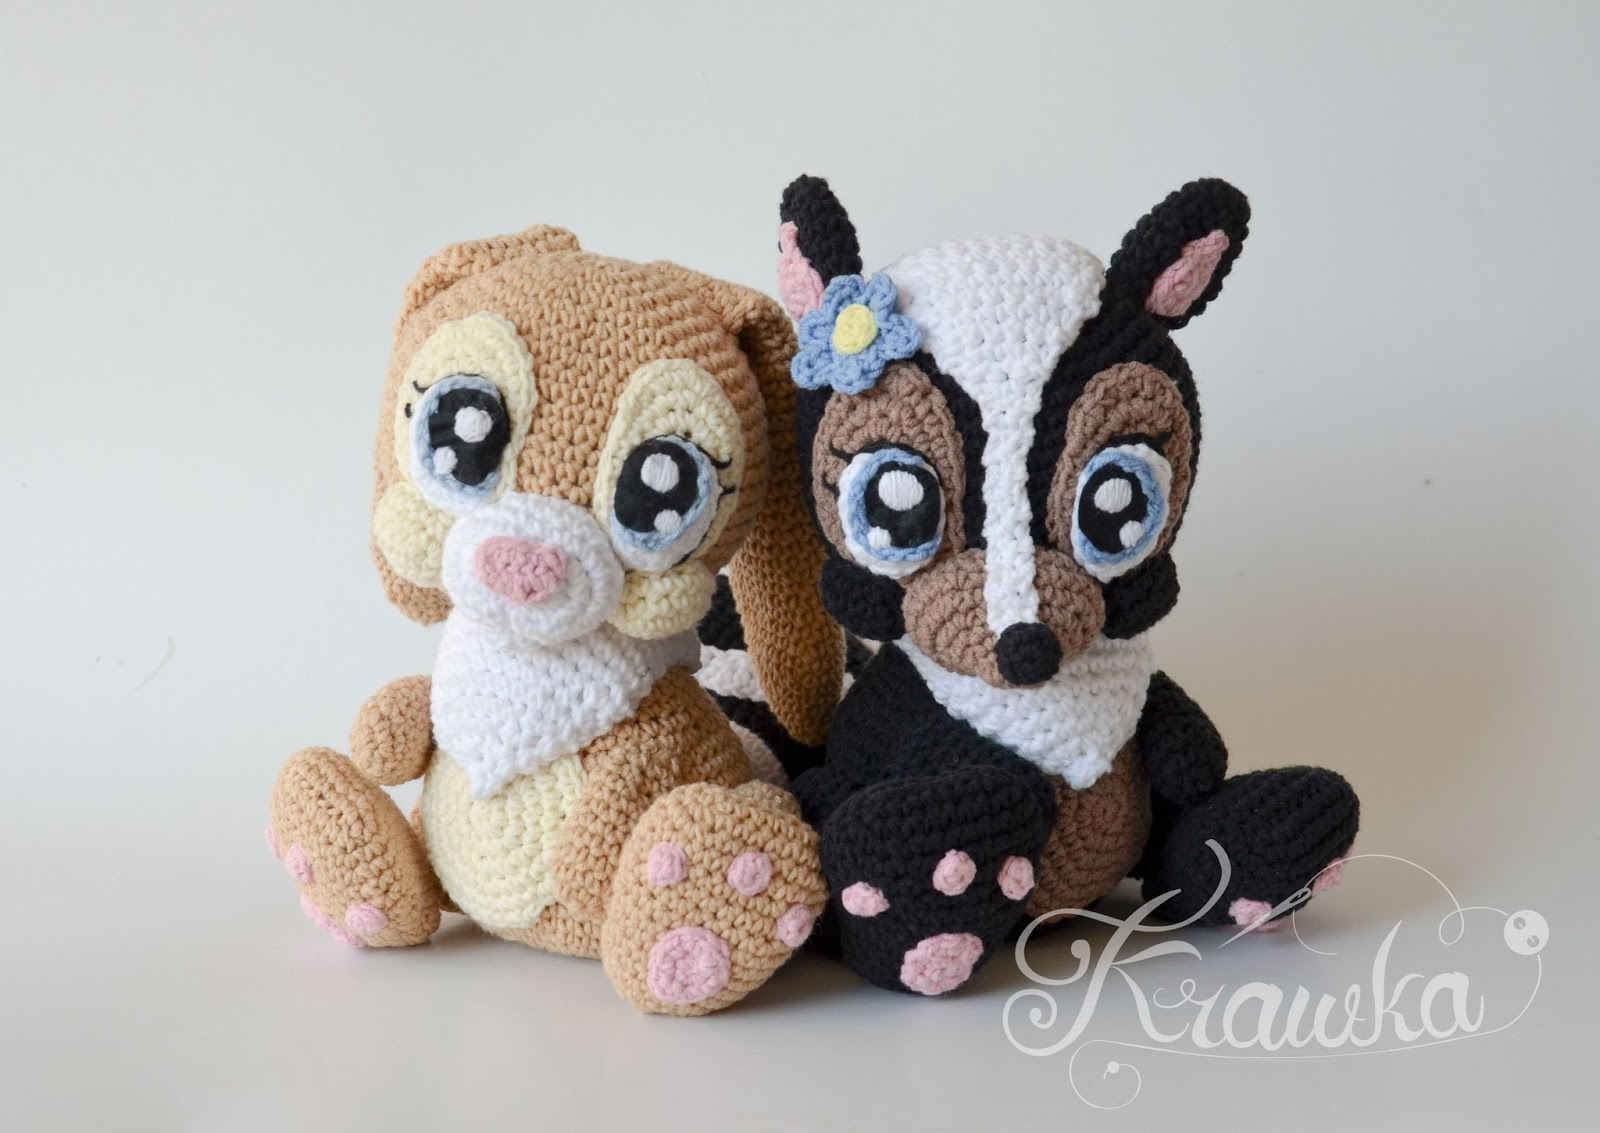 Skunk pattern by Justyna Kacprzak | Crochet bear, Crochet dolls ... | 1133x1600